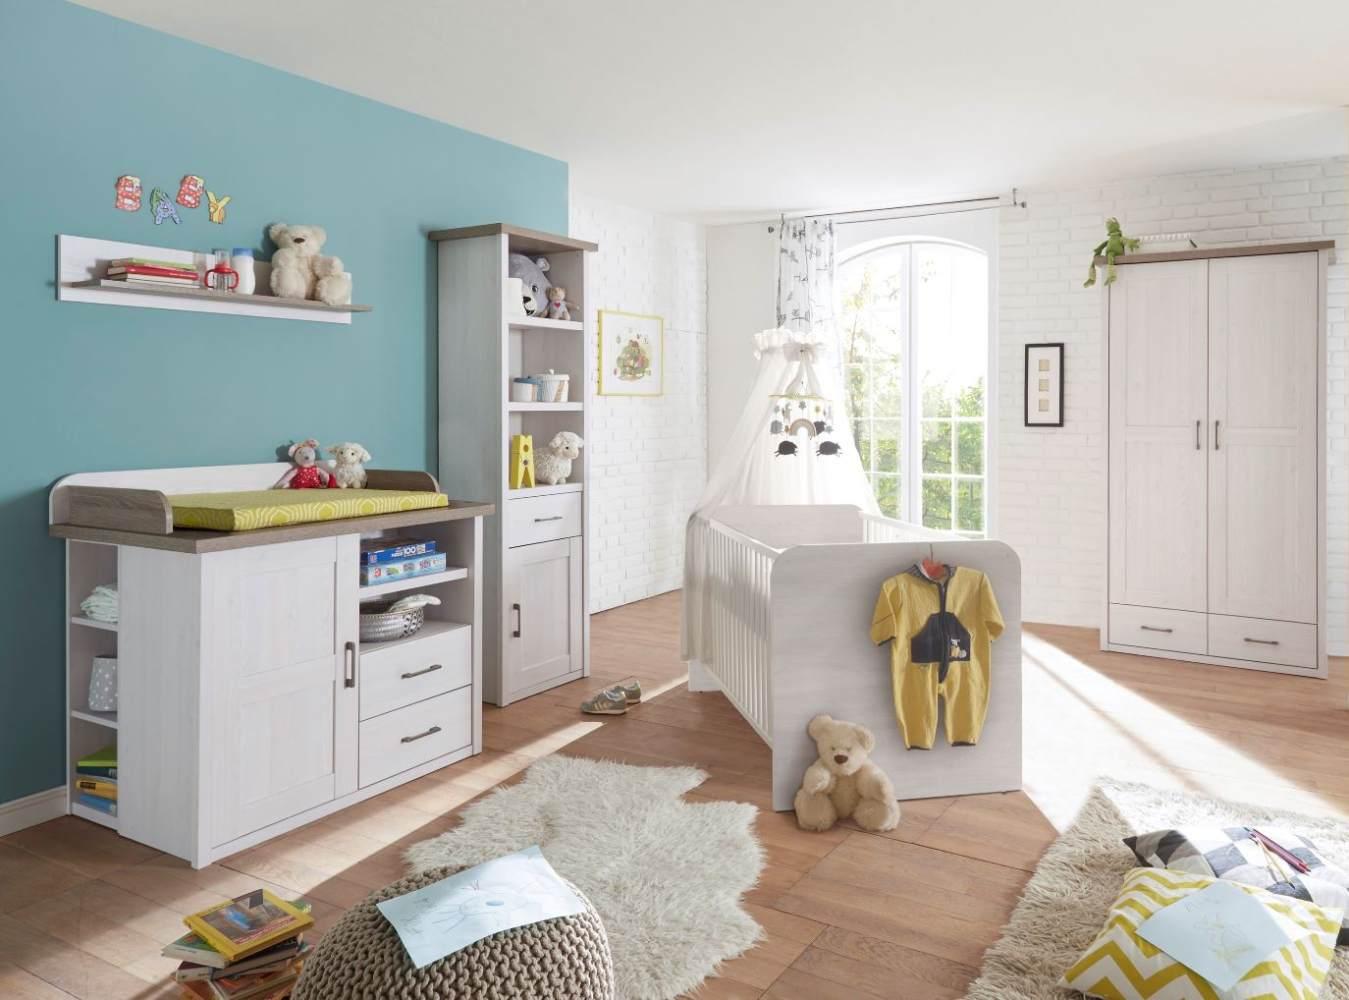 Bega 'Luca' 5-tlg. Babyzimmer-Set, aus Bett 70x140 cm, Wickelkommode inkl. Unterstellregal, 2-trg. Kleiderschrank, Standregal und Wandregal Bild 1